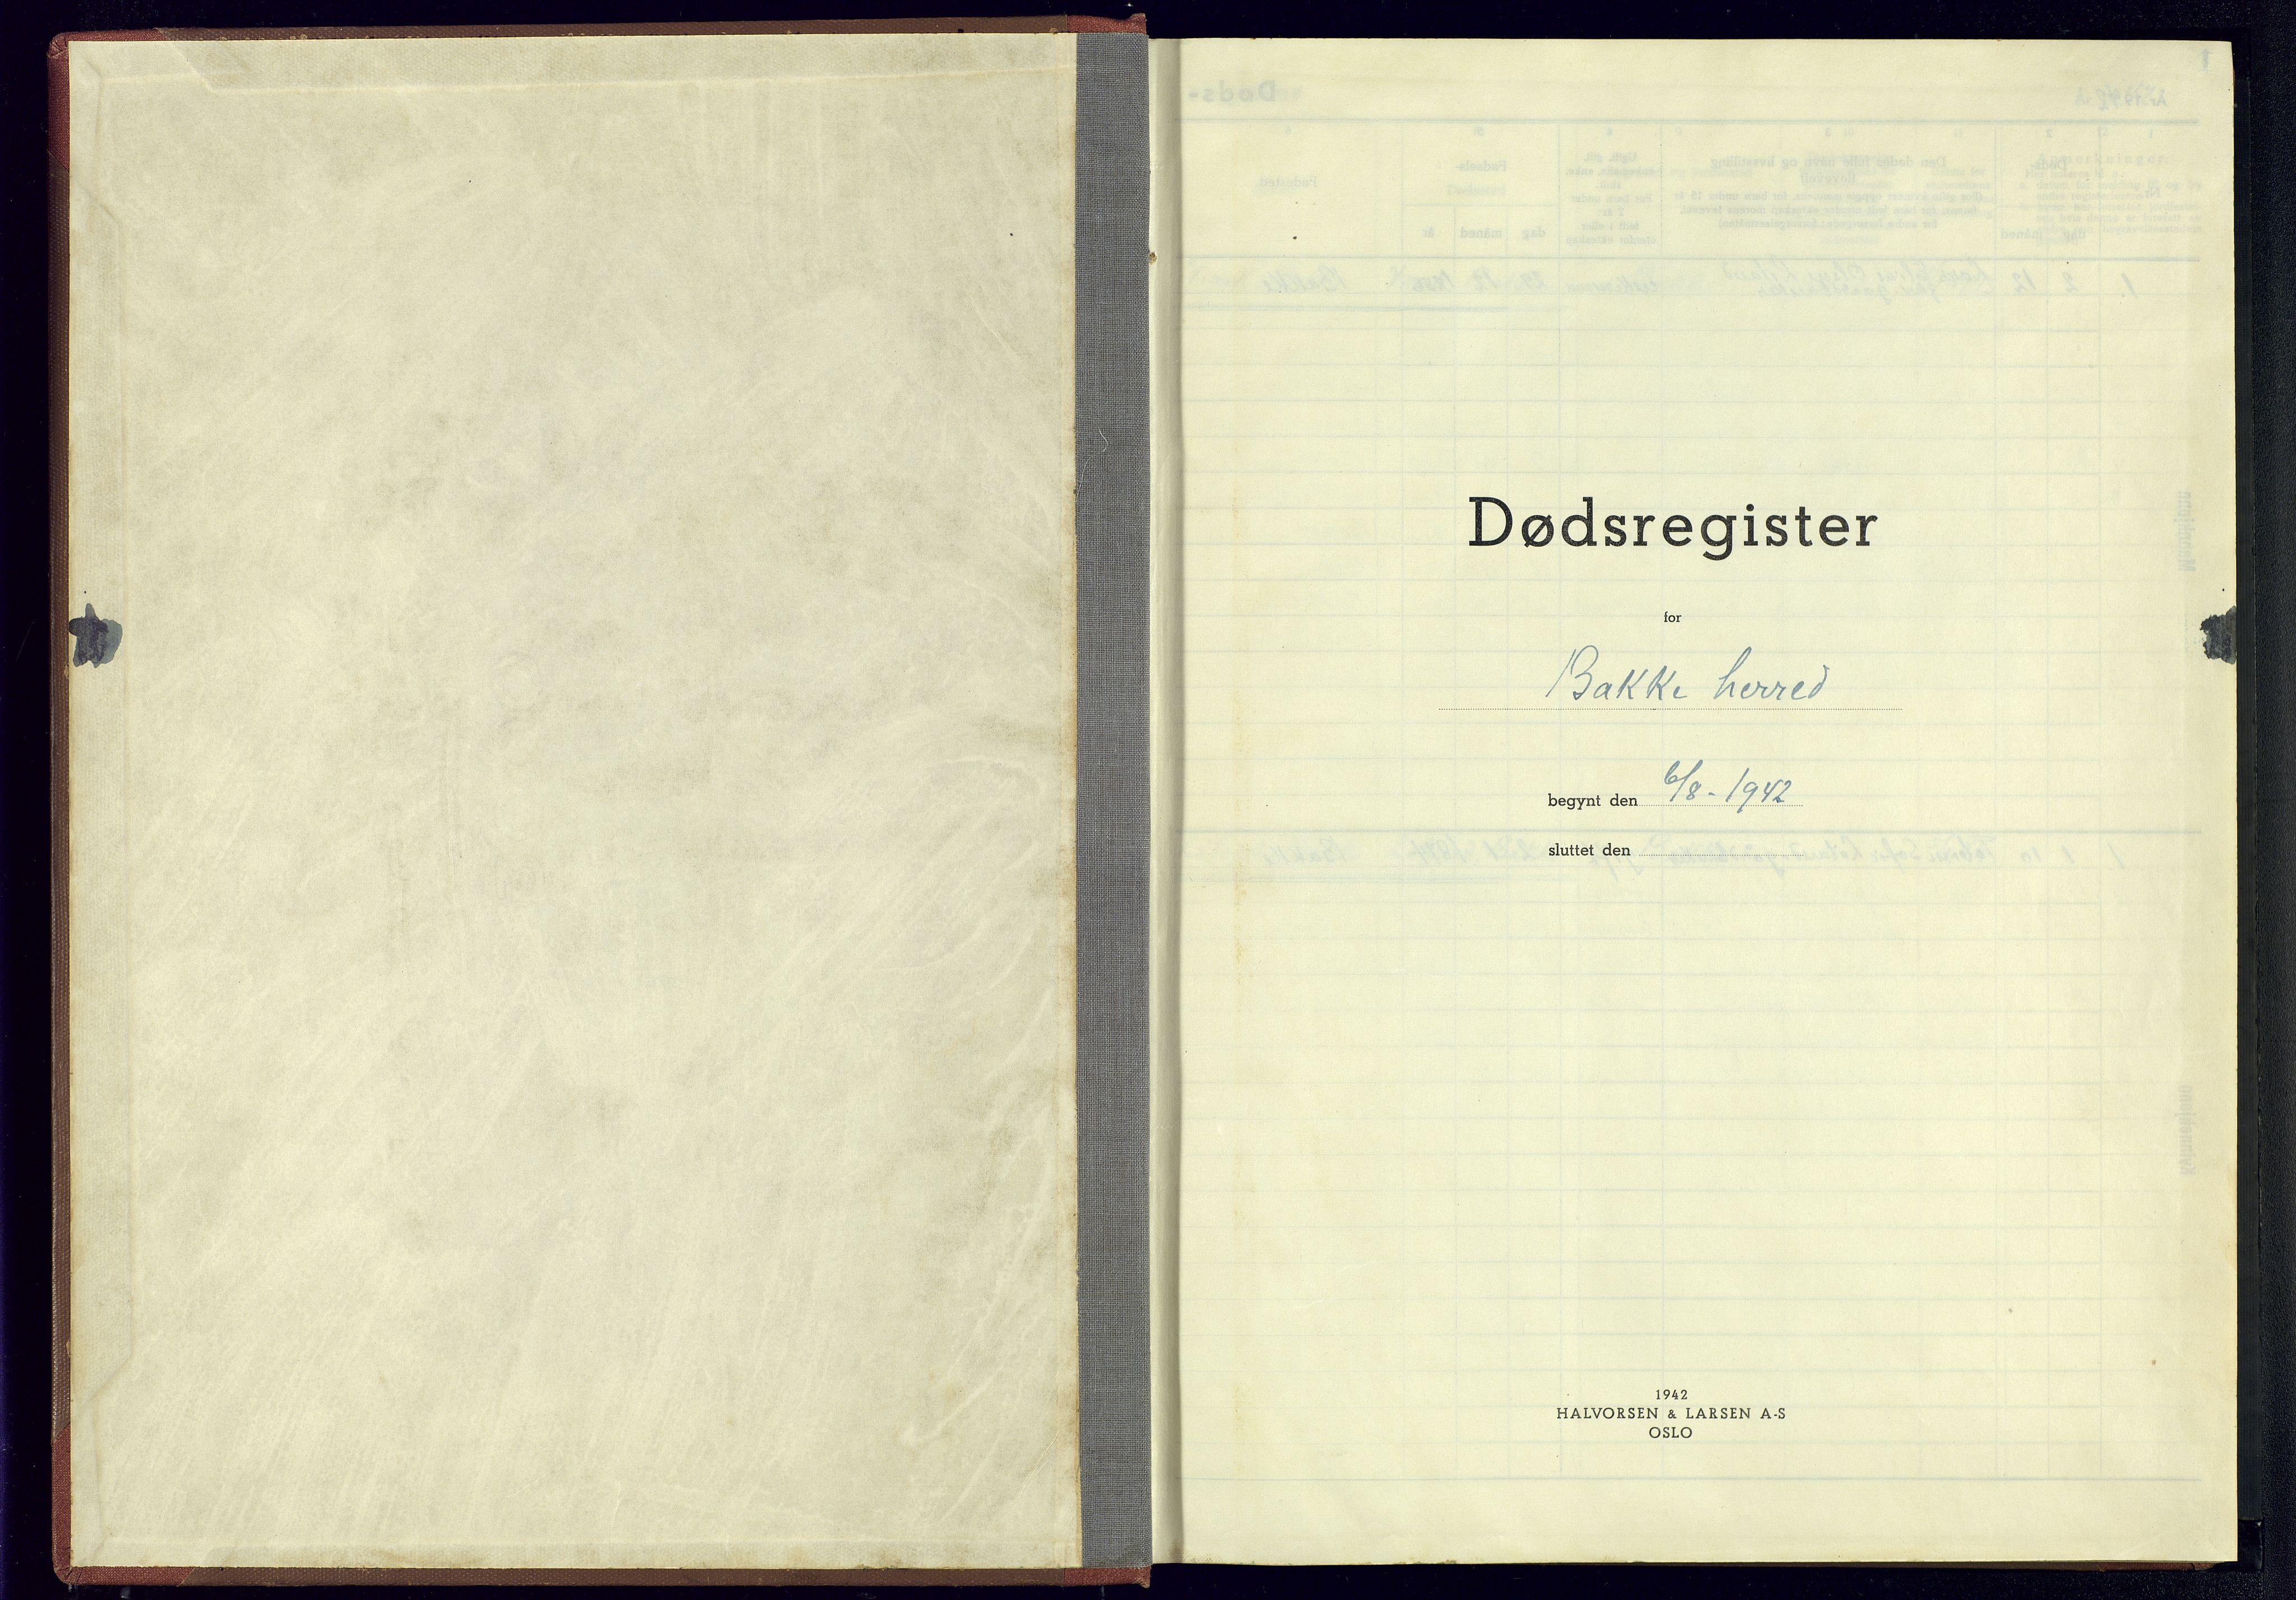 SAK, Bakke sokneprestkontor, J/Jb/L0006: A-VI-17 - Dødsfallsregister Bakke, 1942-1945